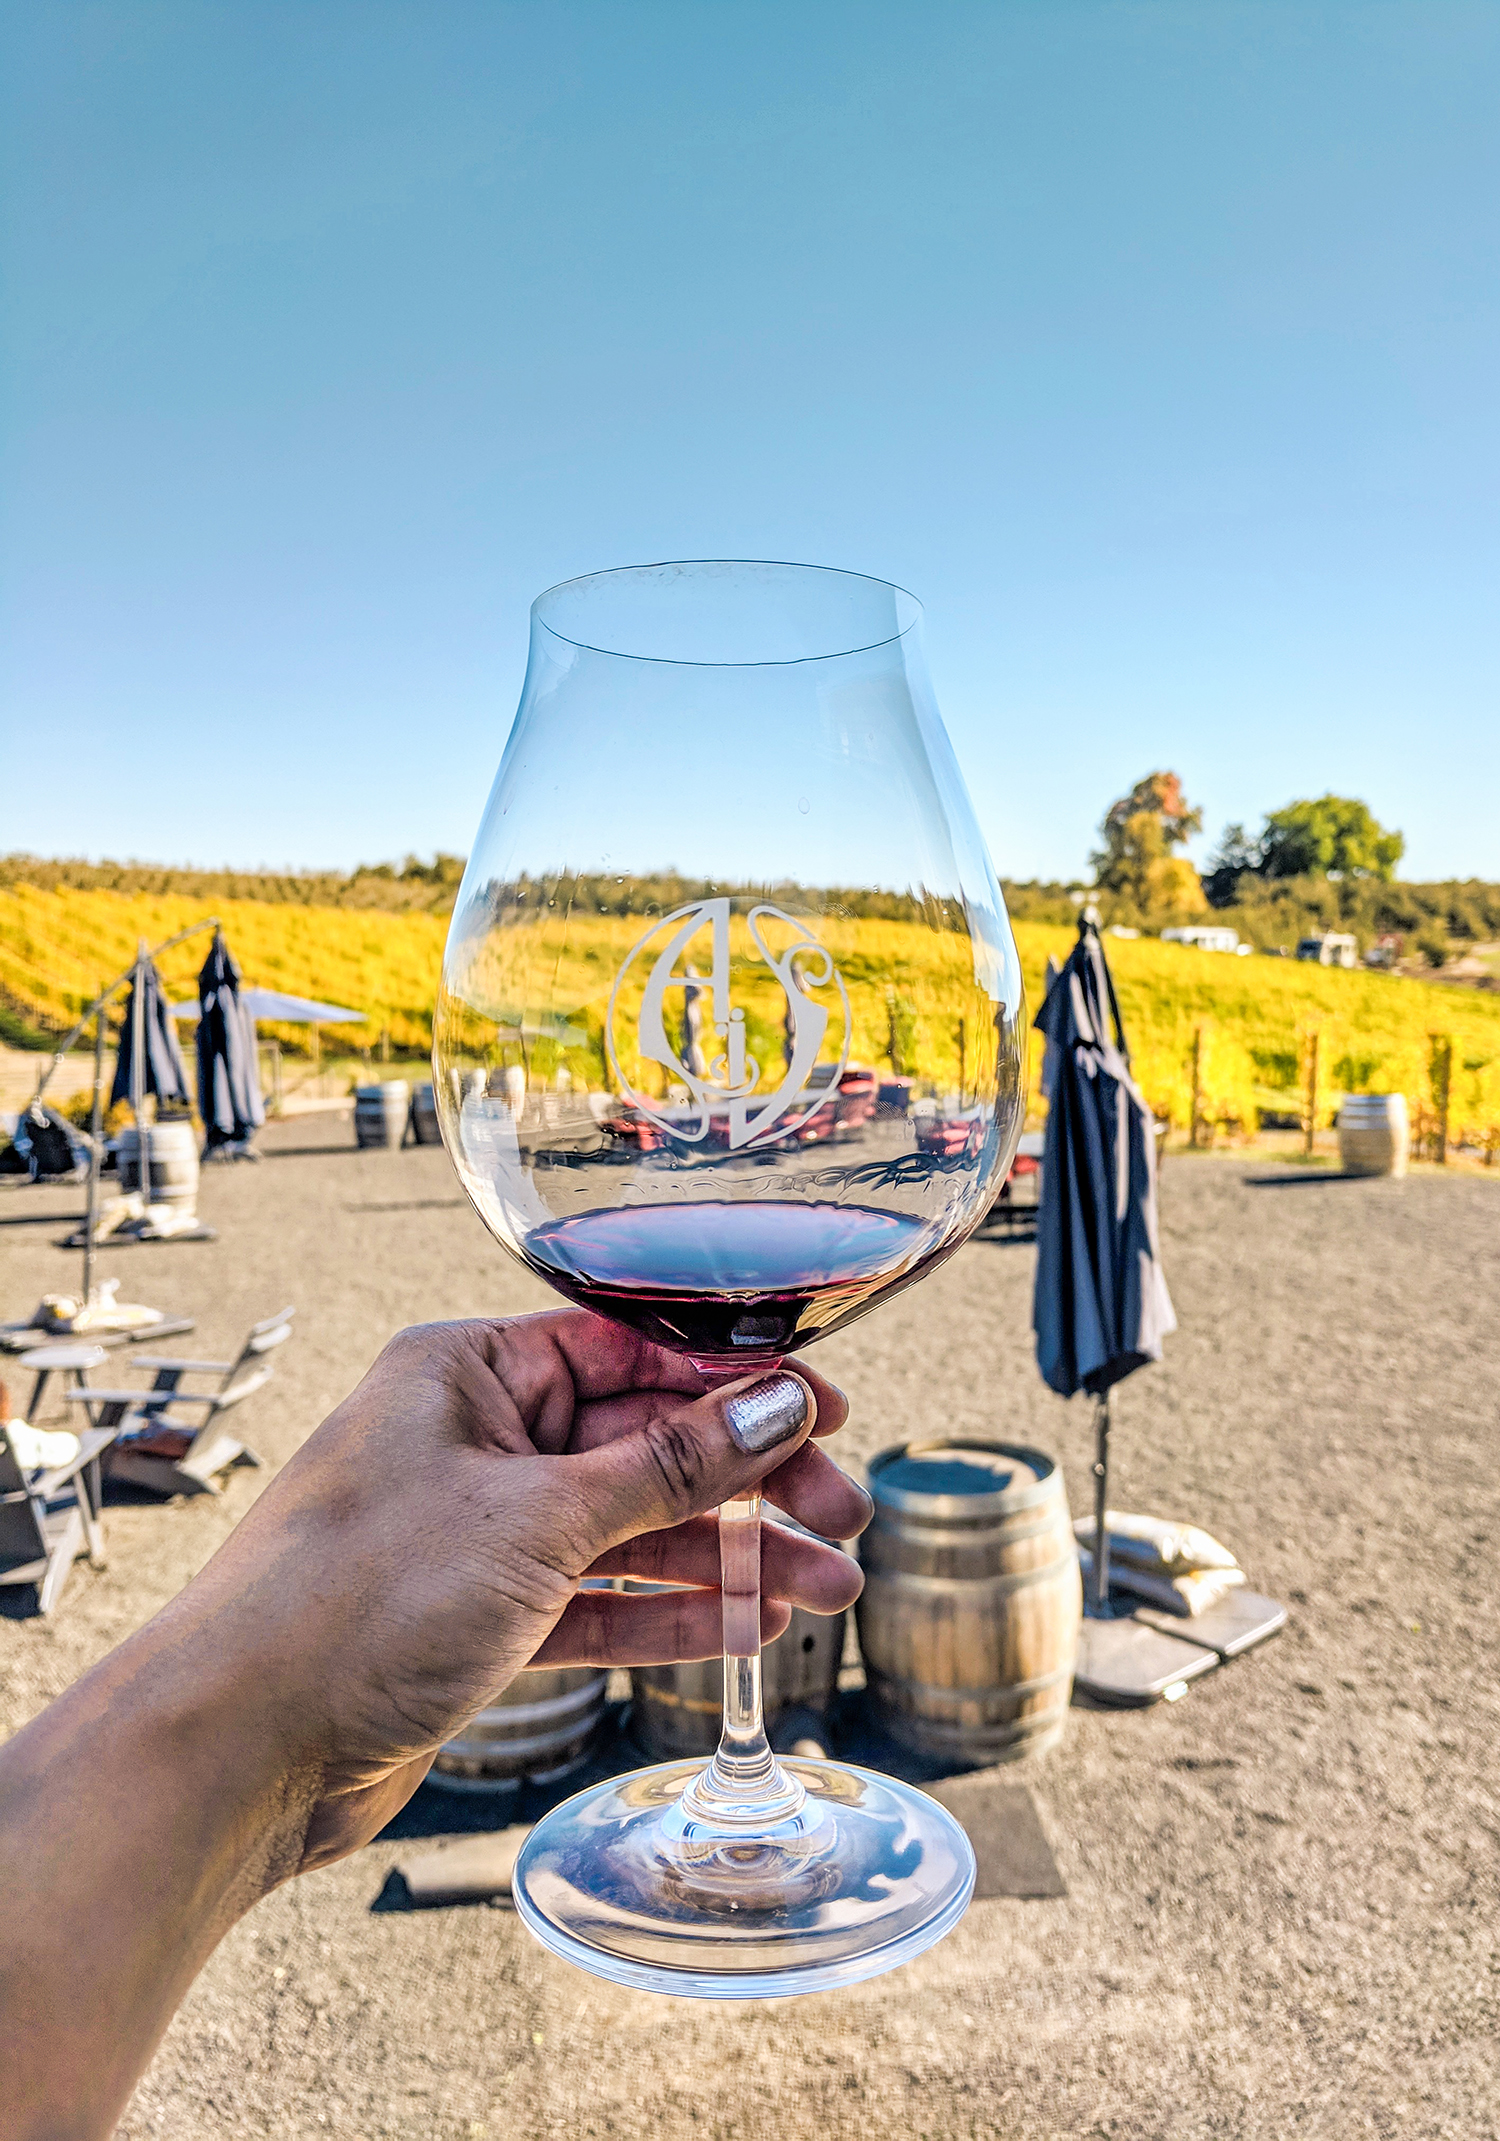 Adelsheim wine glass view